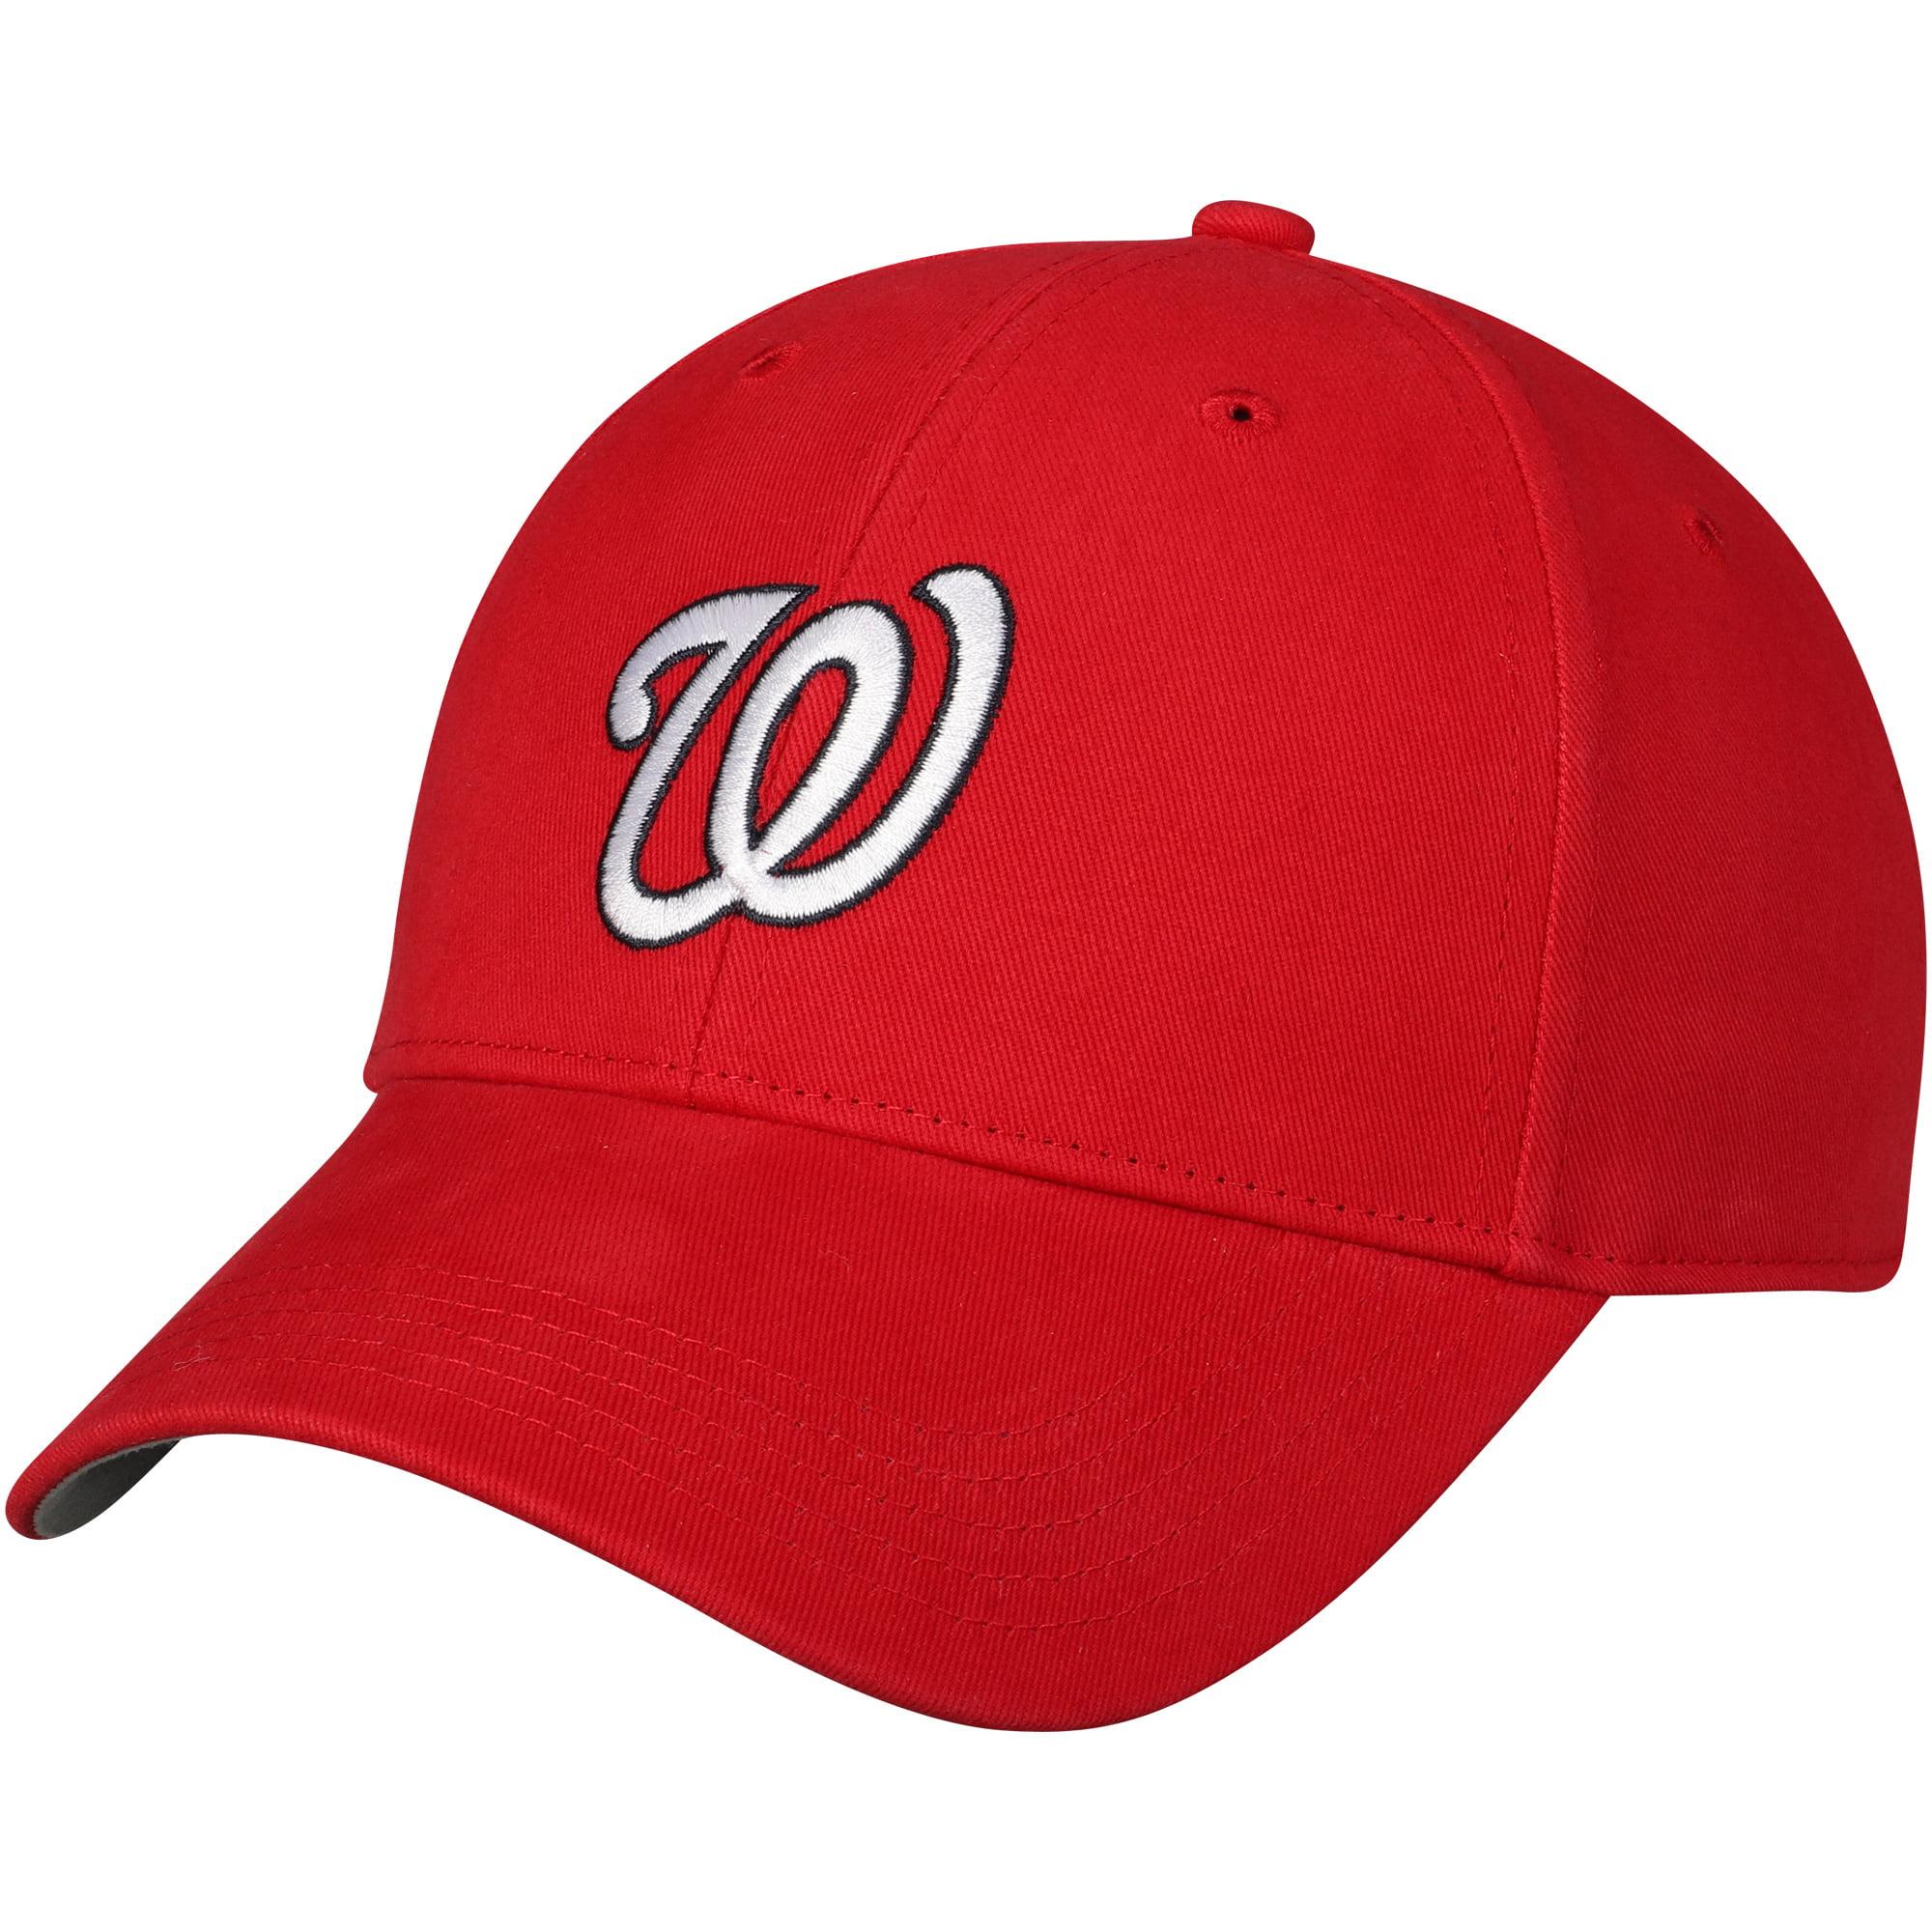 Washington Nationals '47 Youth Basic Adjustable Hat - Red - OSFA